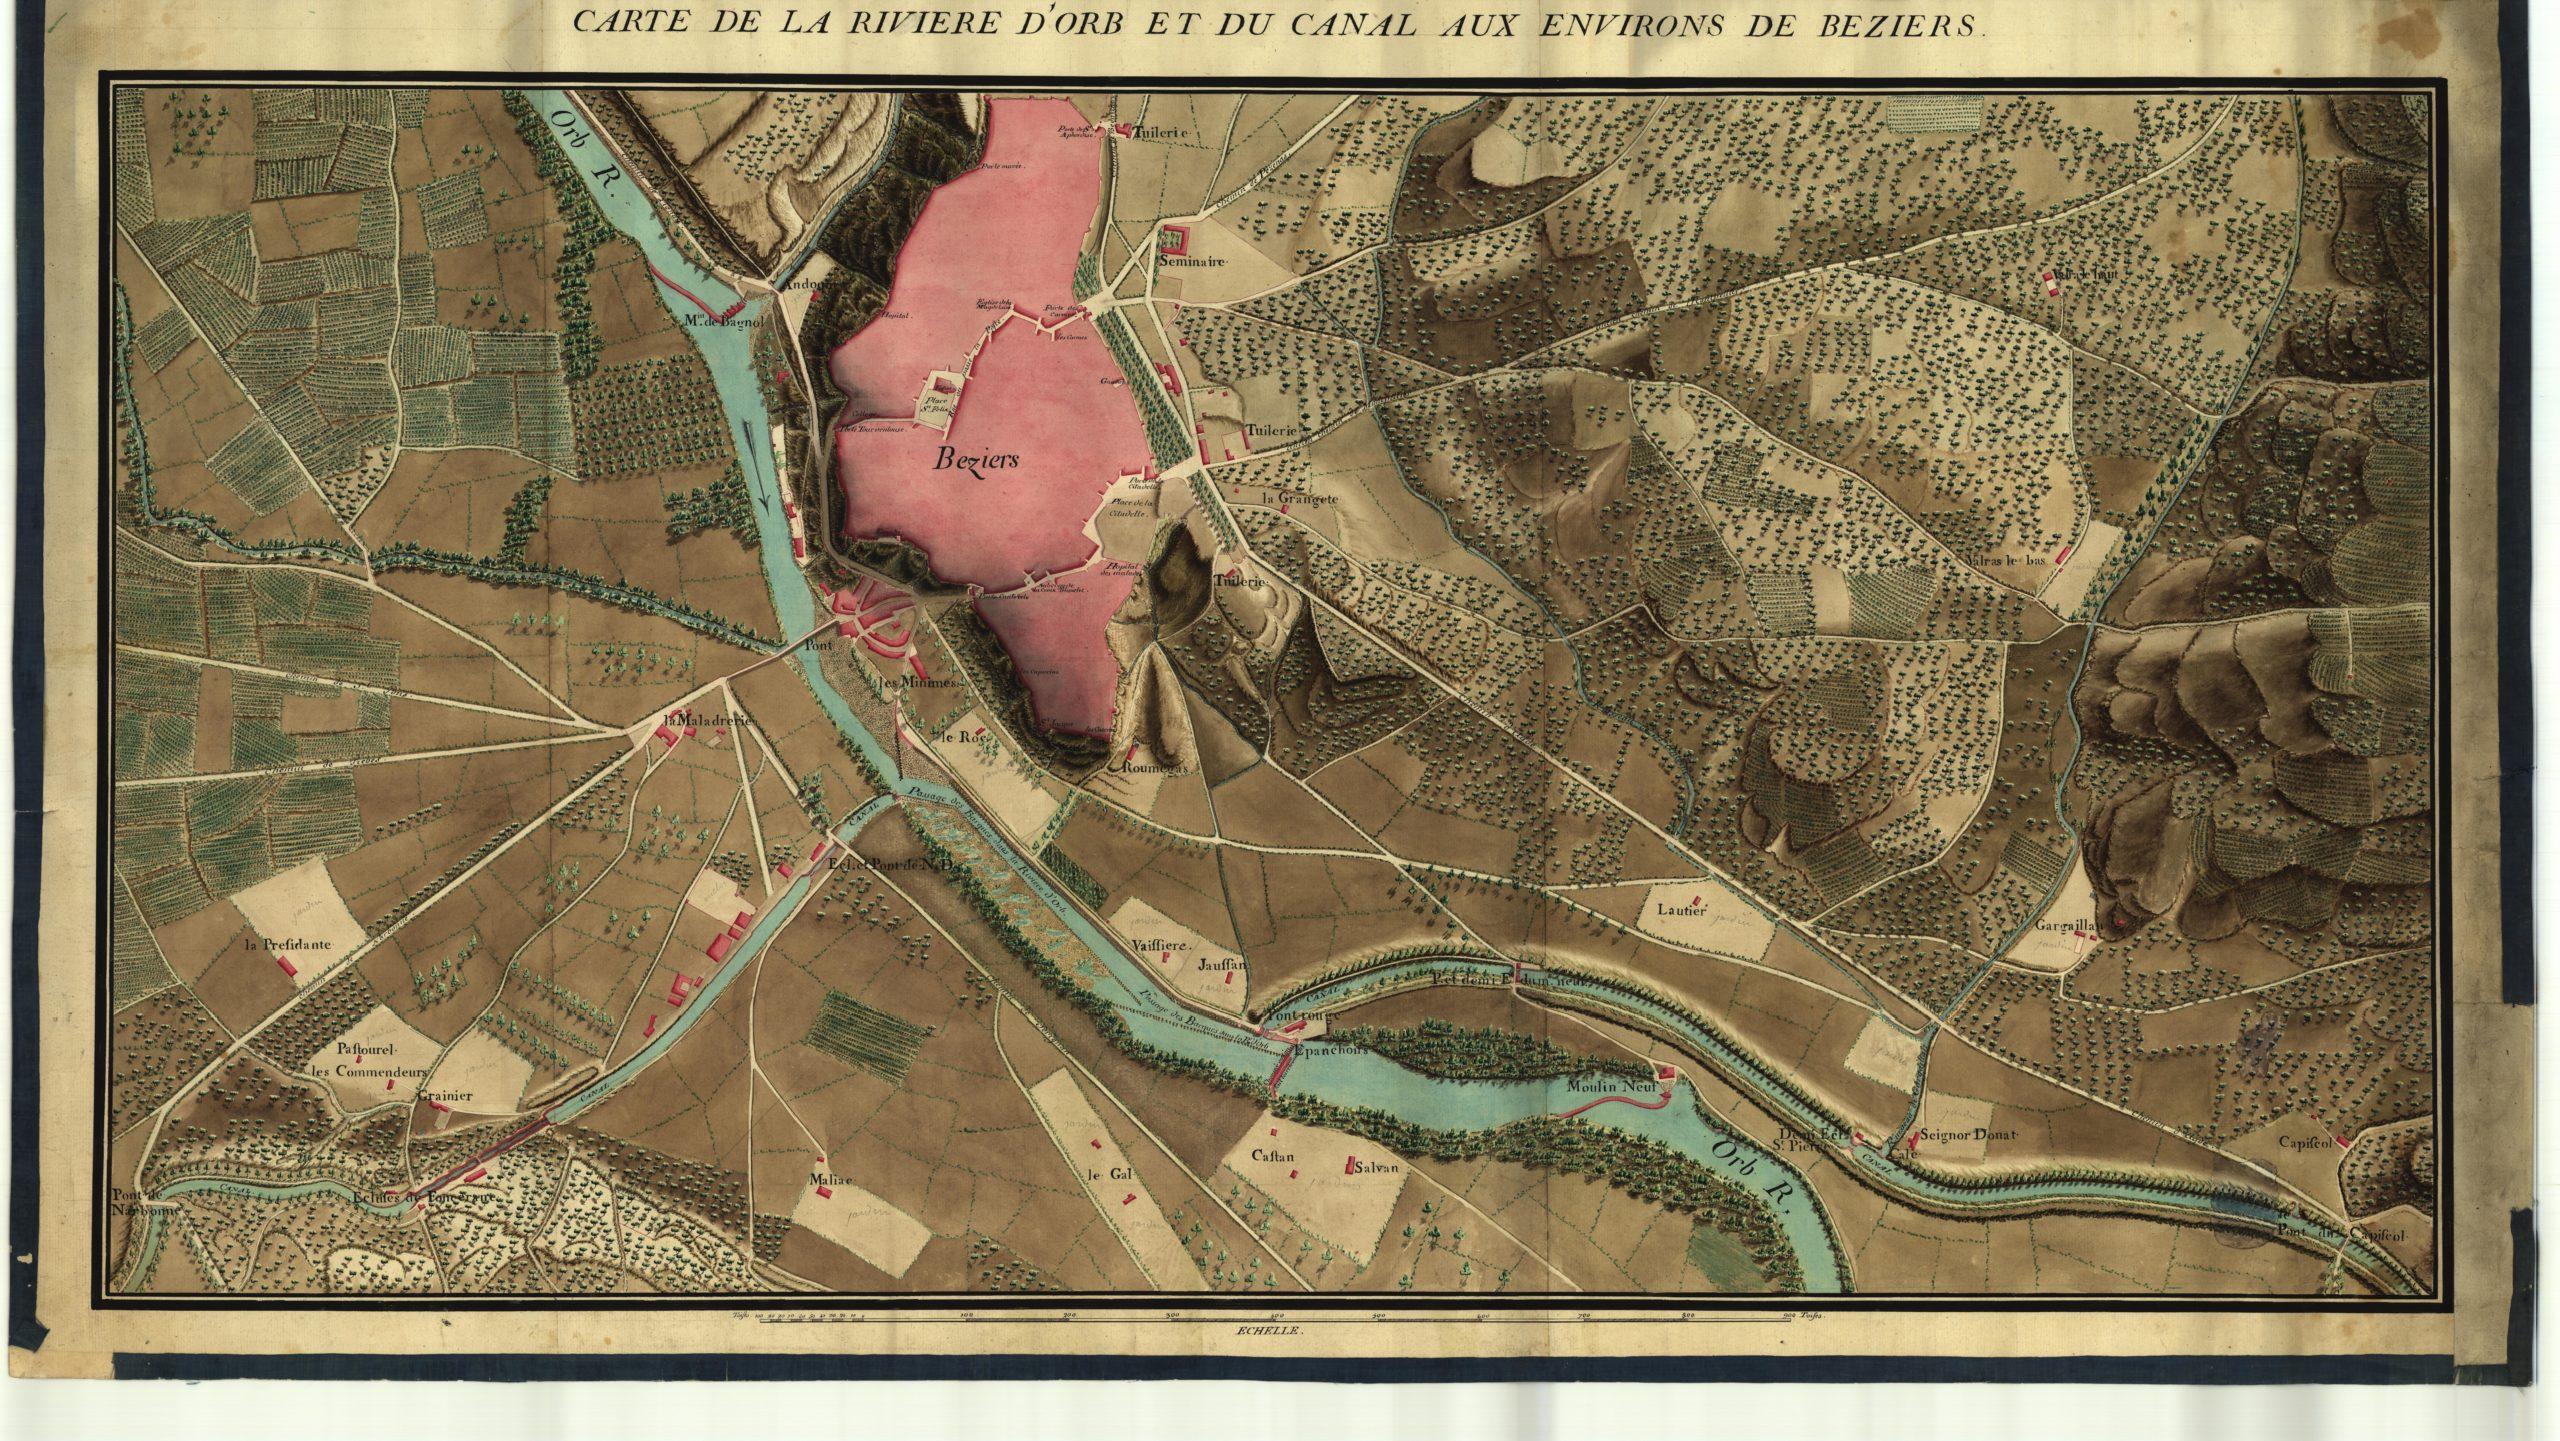 La difficile traversée de l'Orb avant la construction du pont-canal.